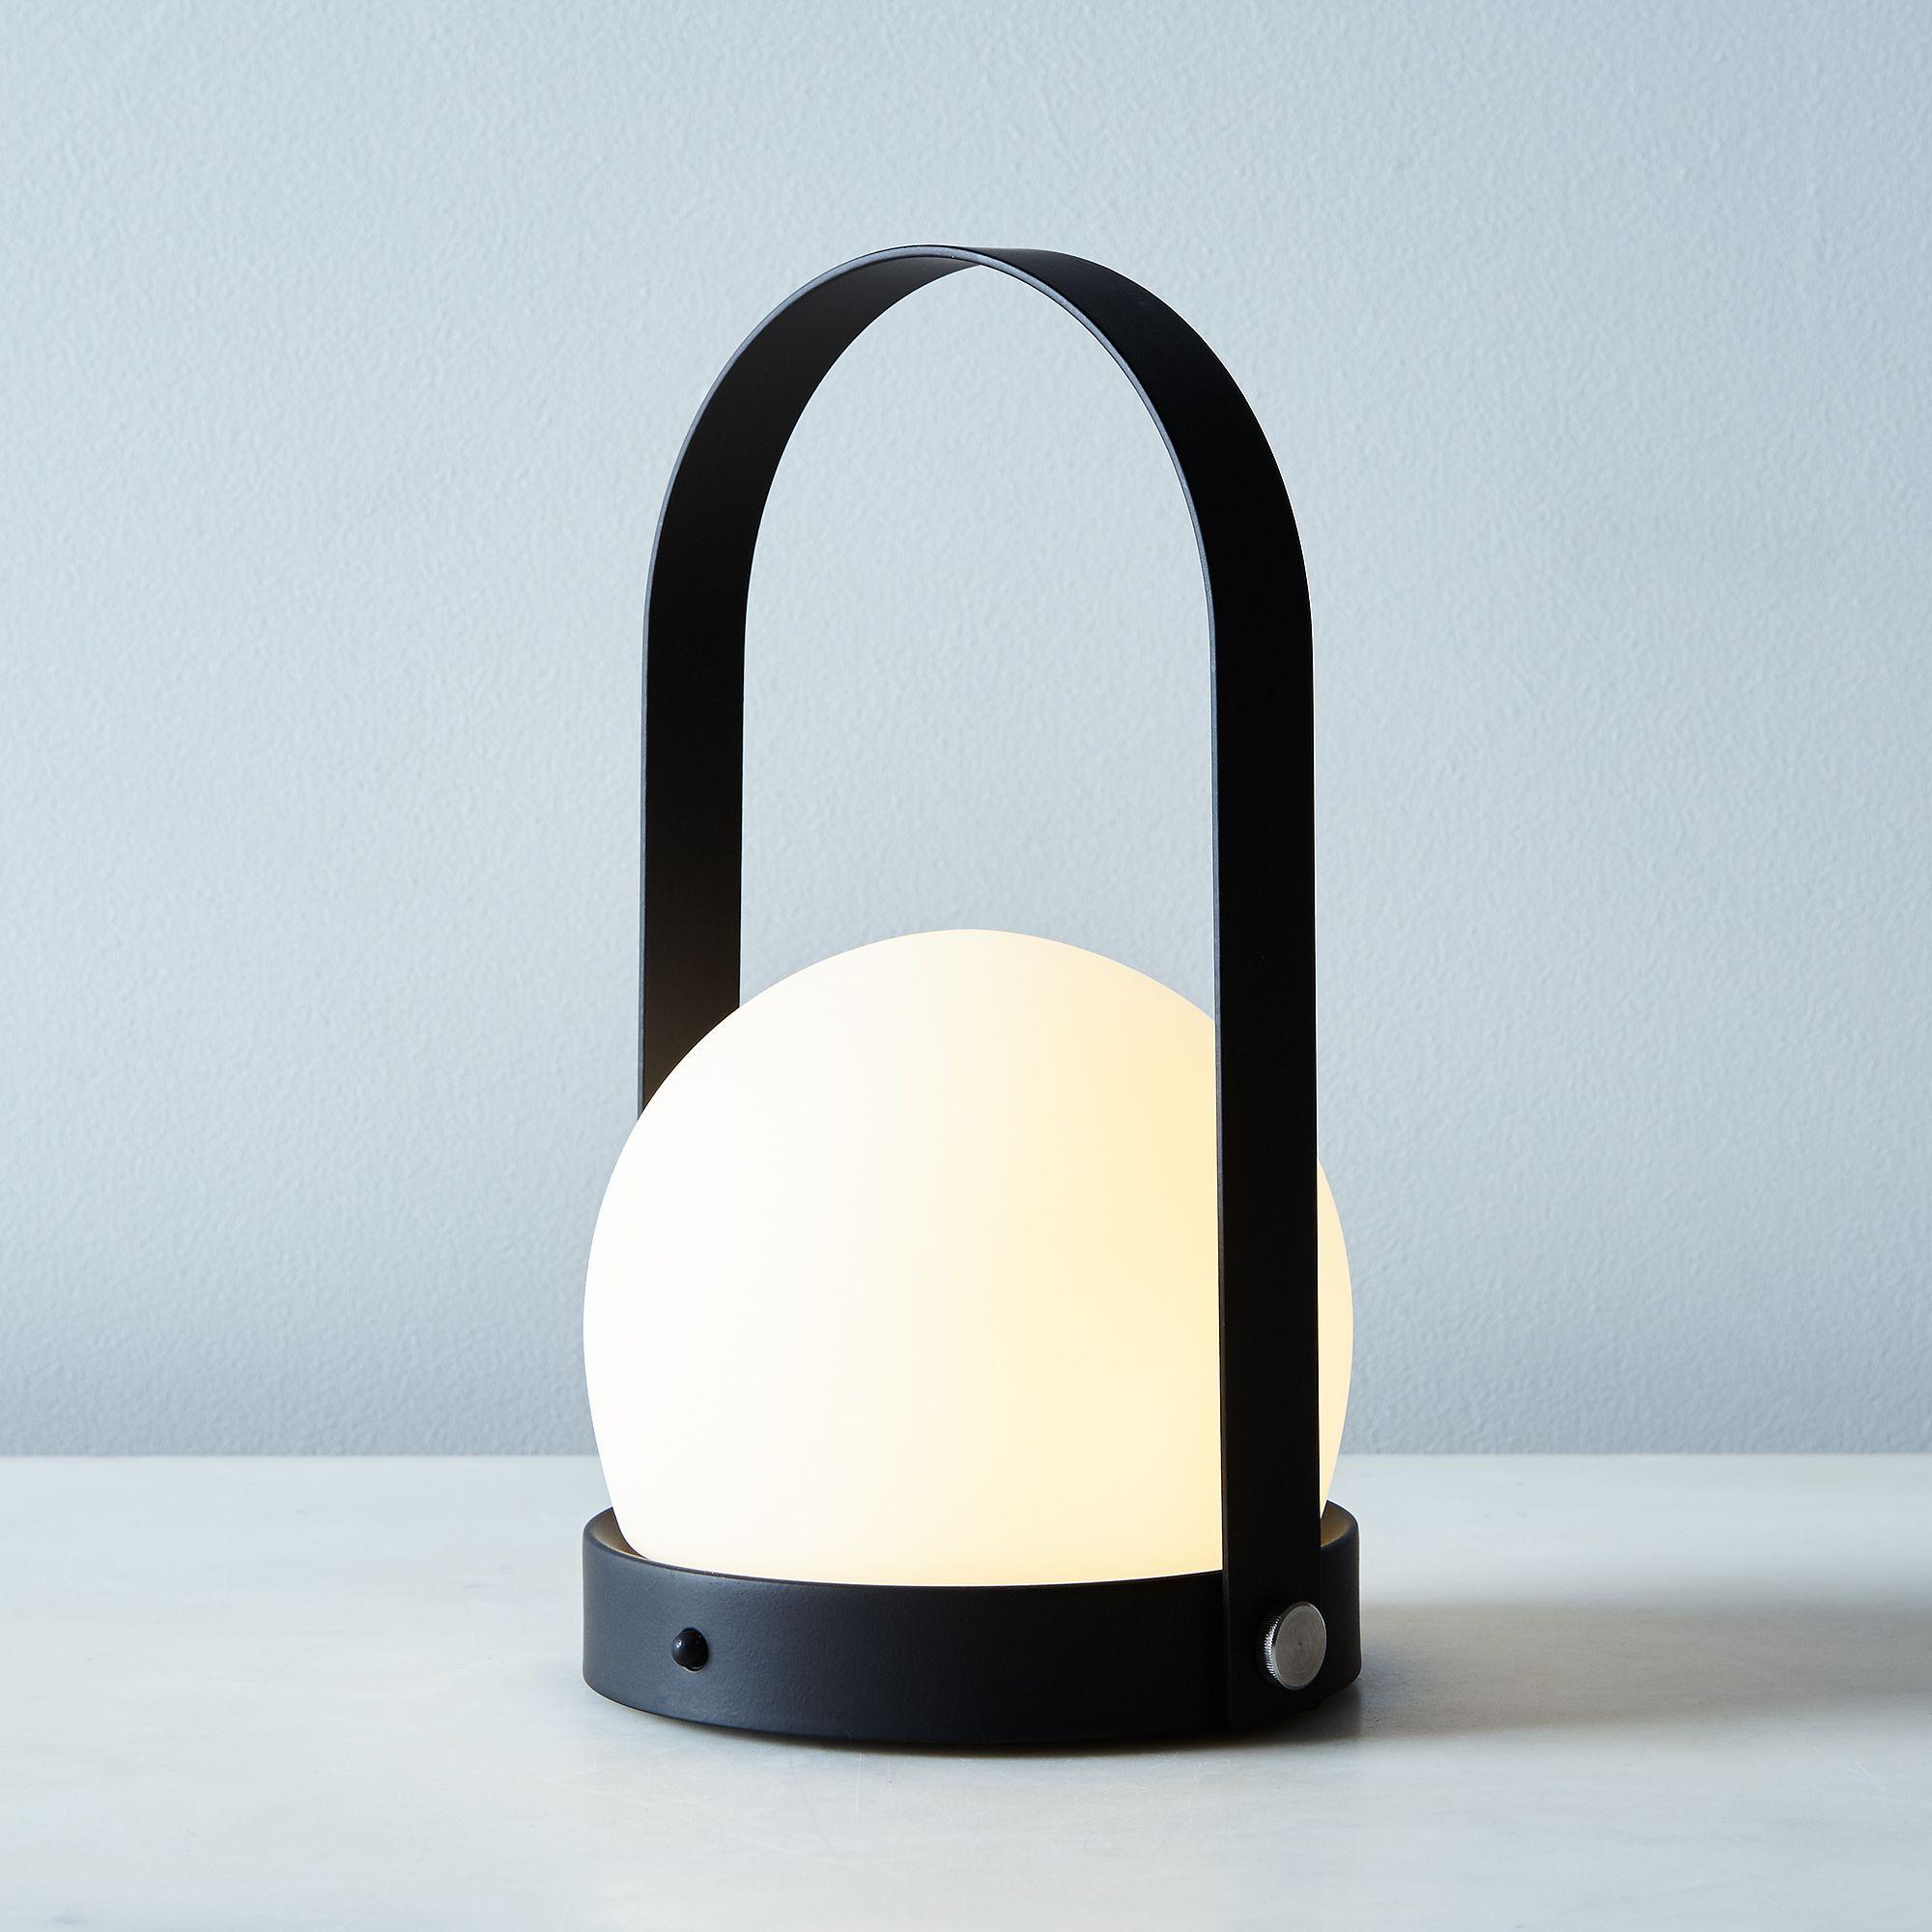 8b331282 58e9 404b 914d 1f4ee2e513b8  2017 0203 menu carrie led lamp black silo rocky luten 012